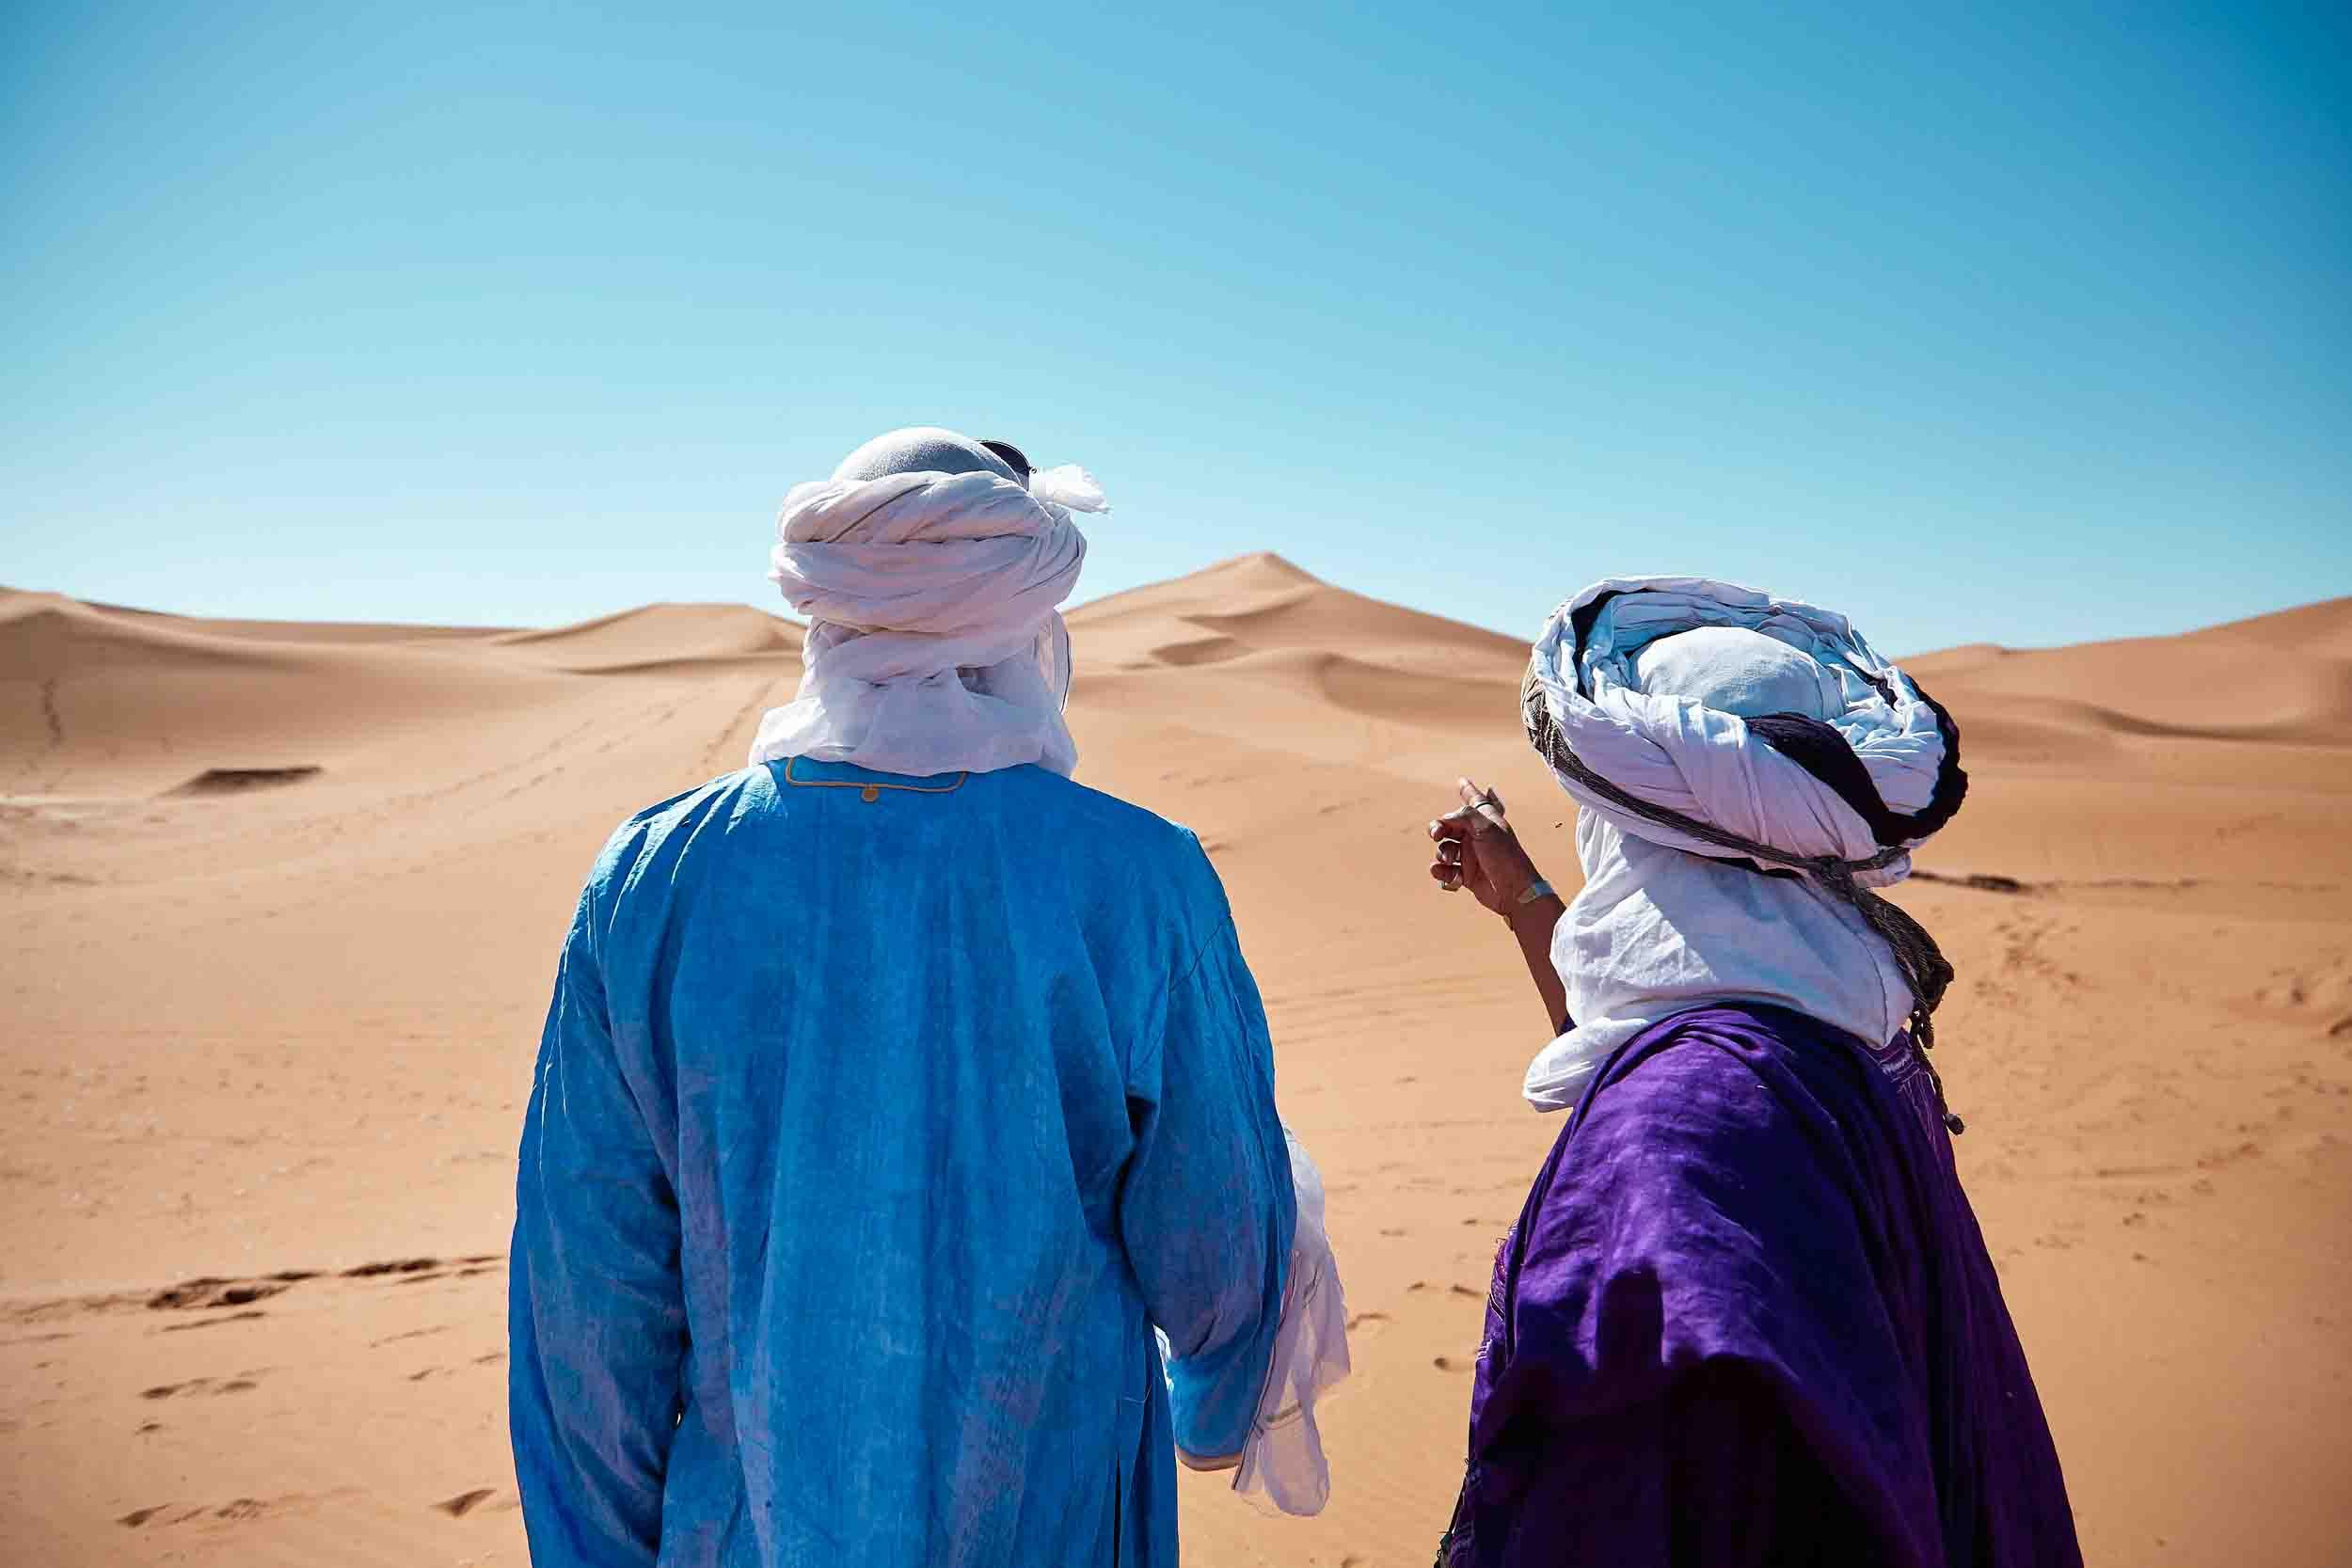 Desert-image-asset (4).jpg